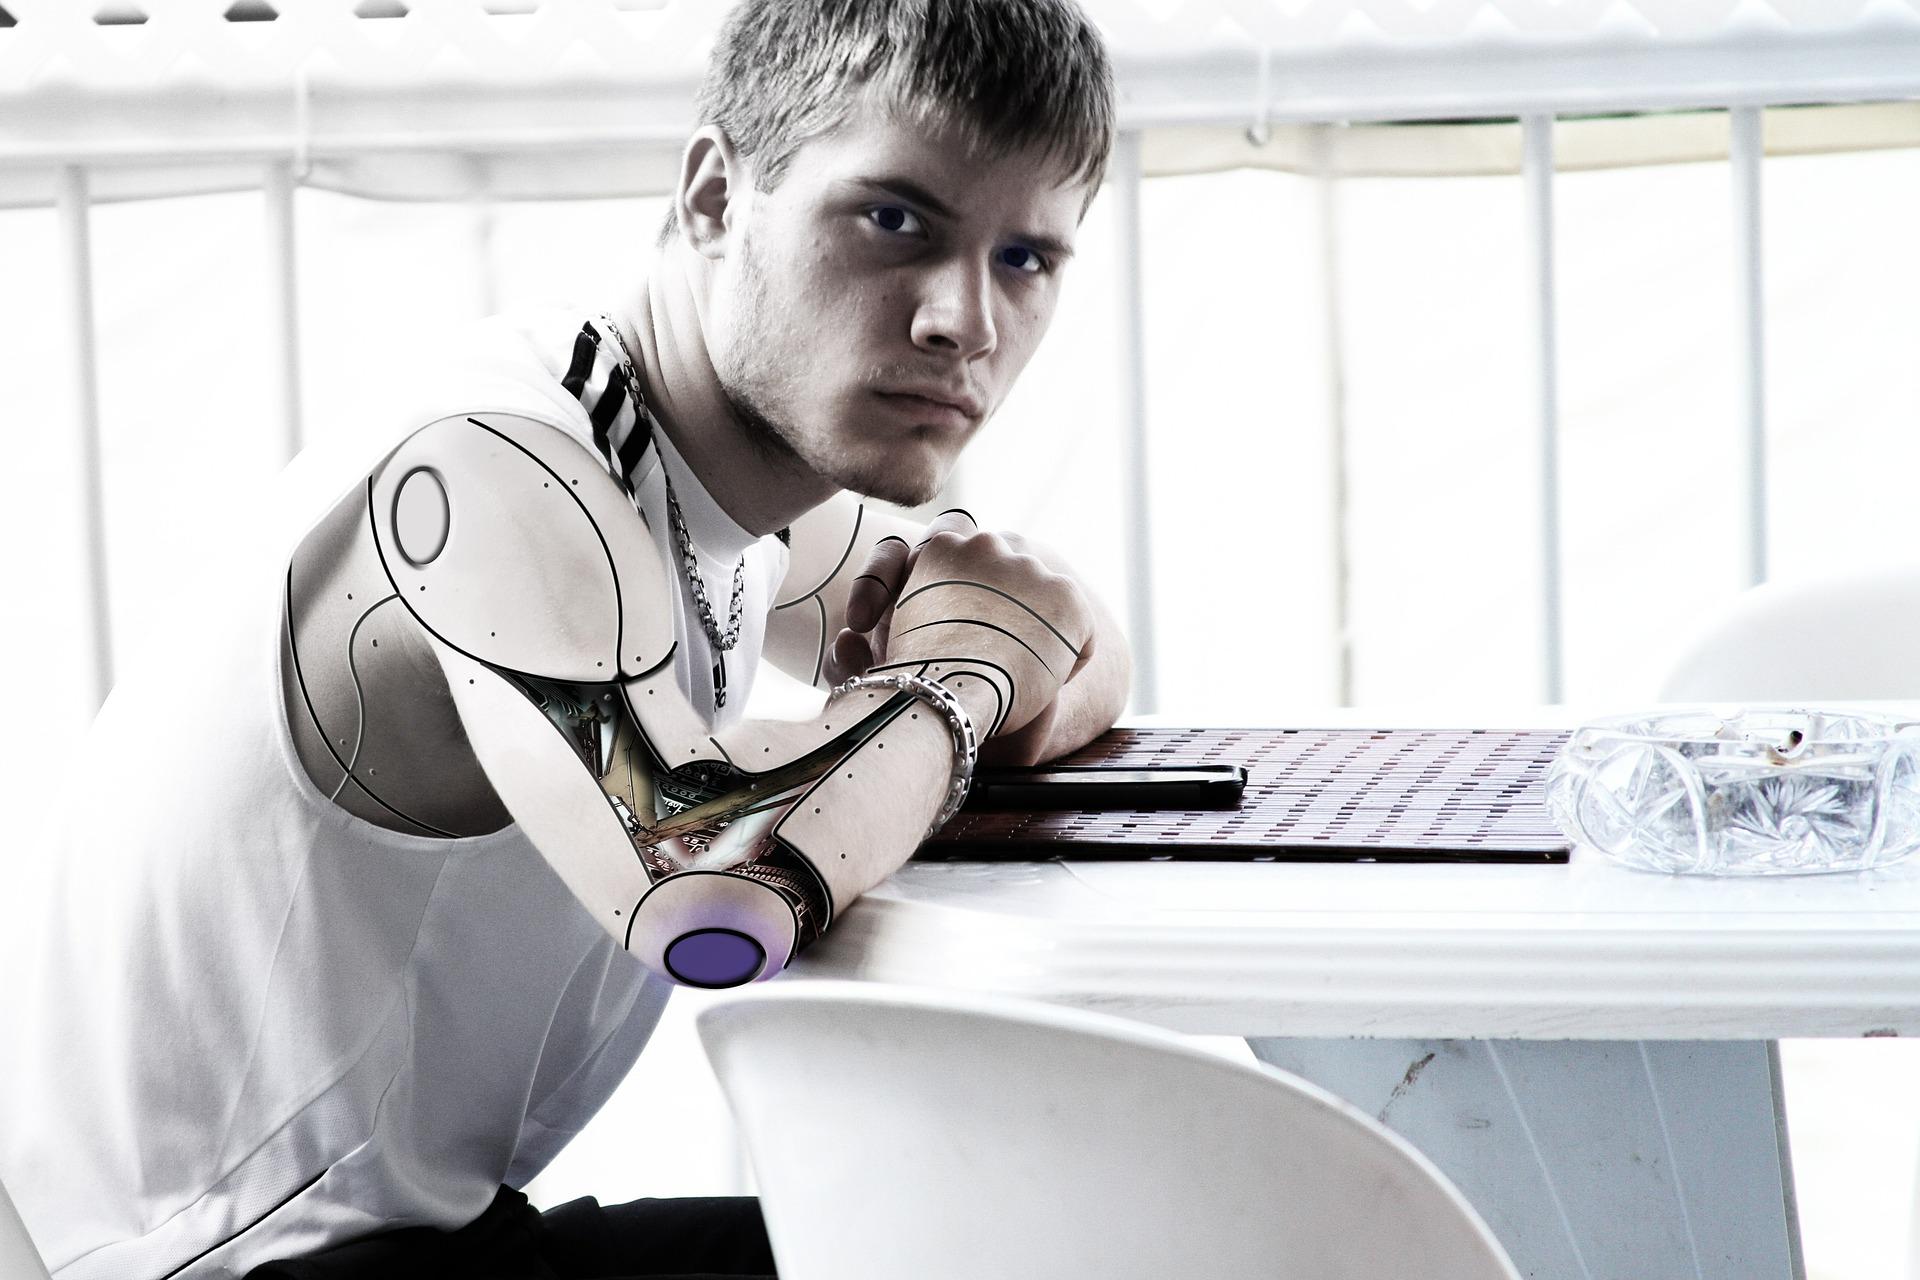 ¿Corres el peligro de que tu puesto de trabajo sea sustituido por un robot?